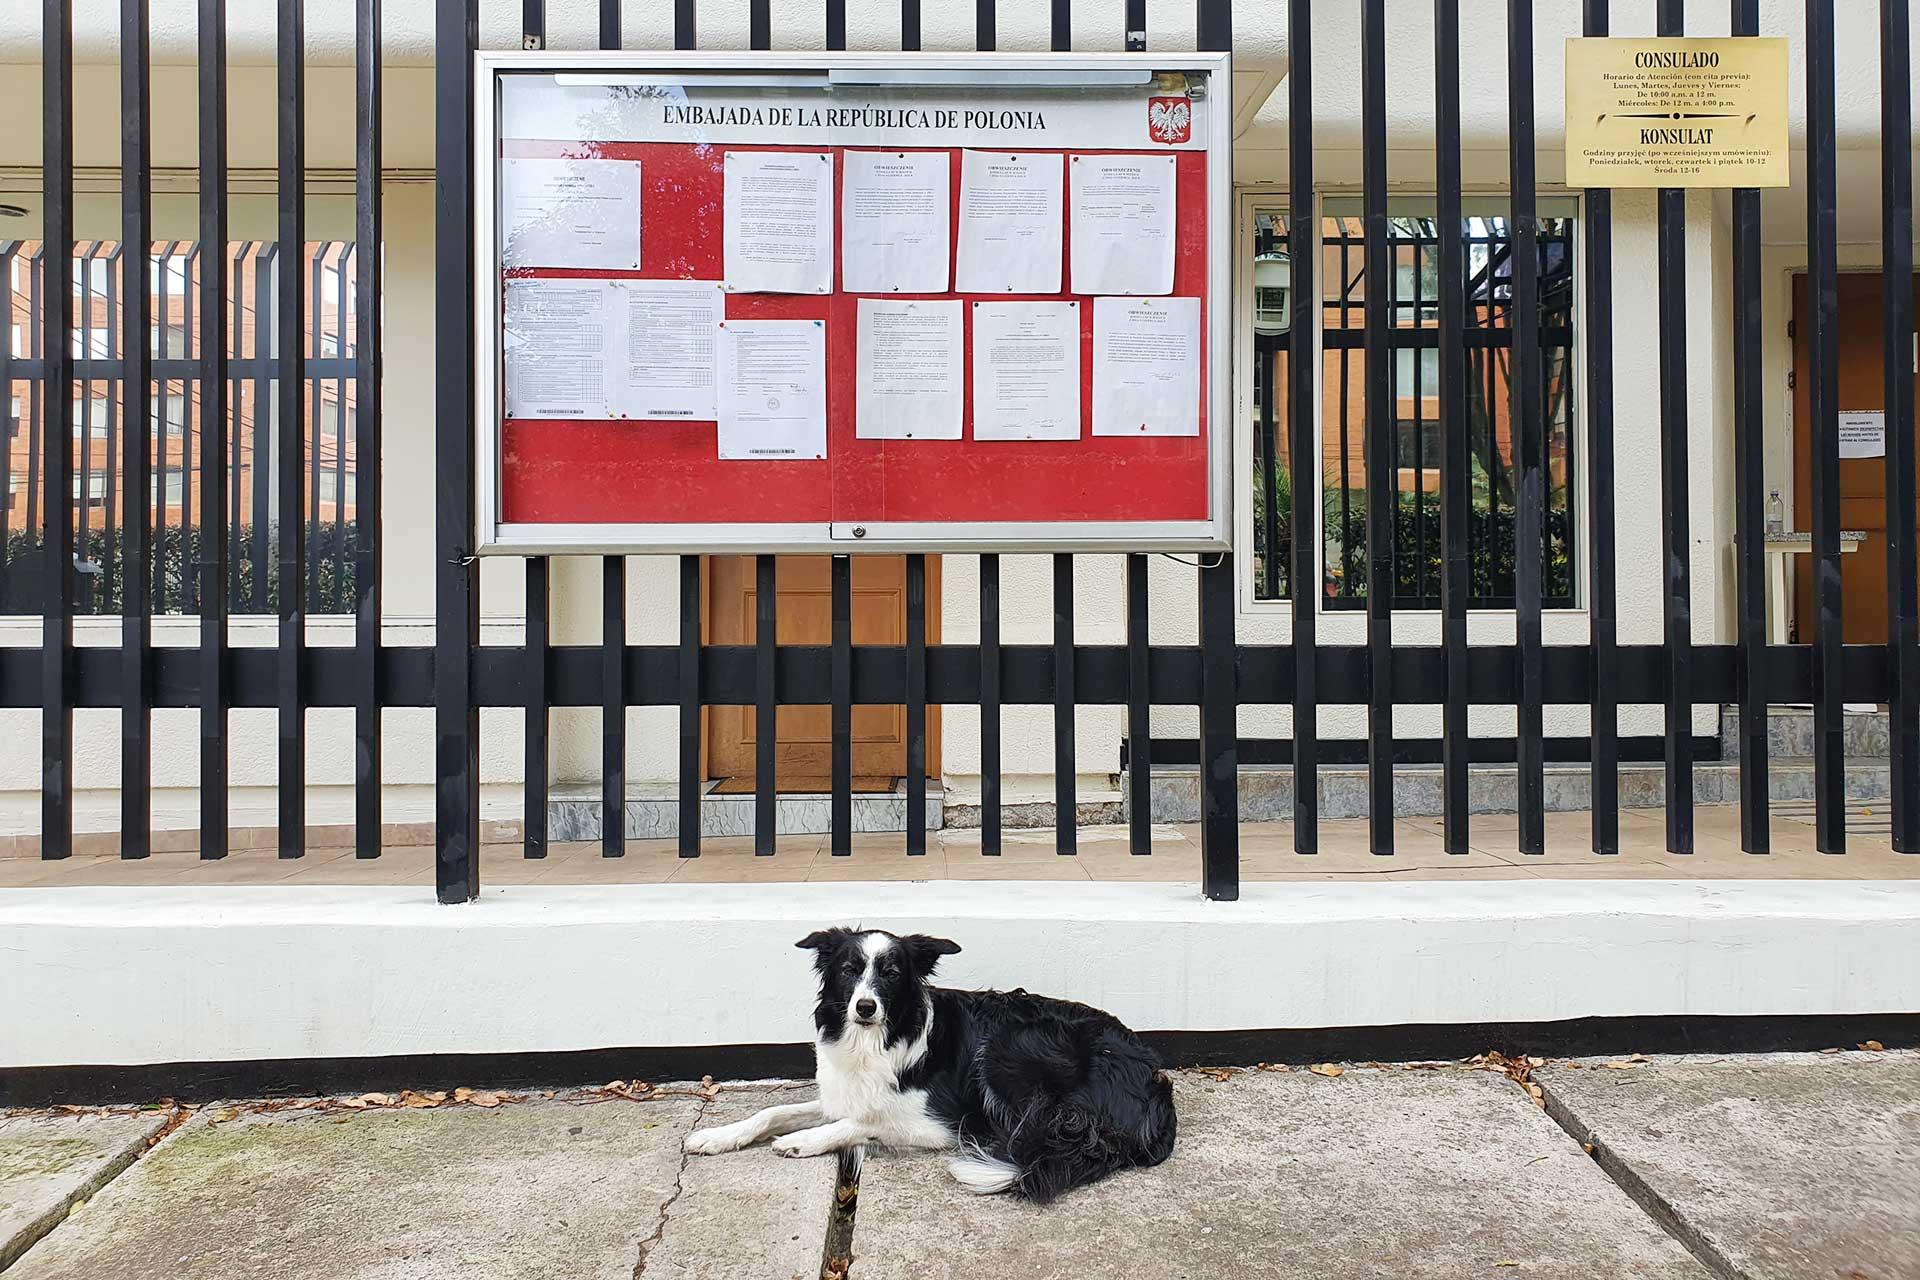 ogrodzenie przed ambasadą z tablicą ogłoszeń i leżacy pies